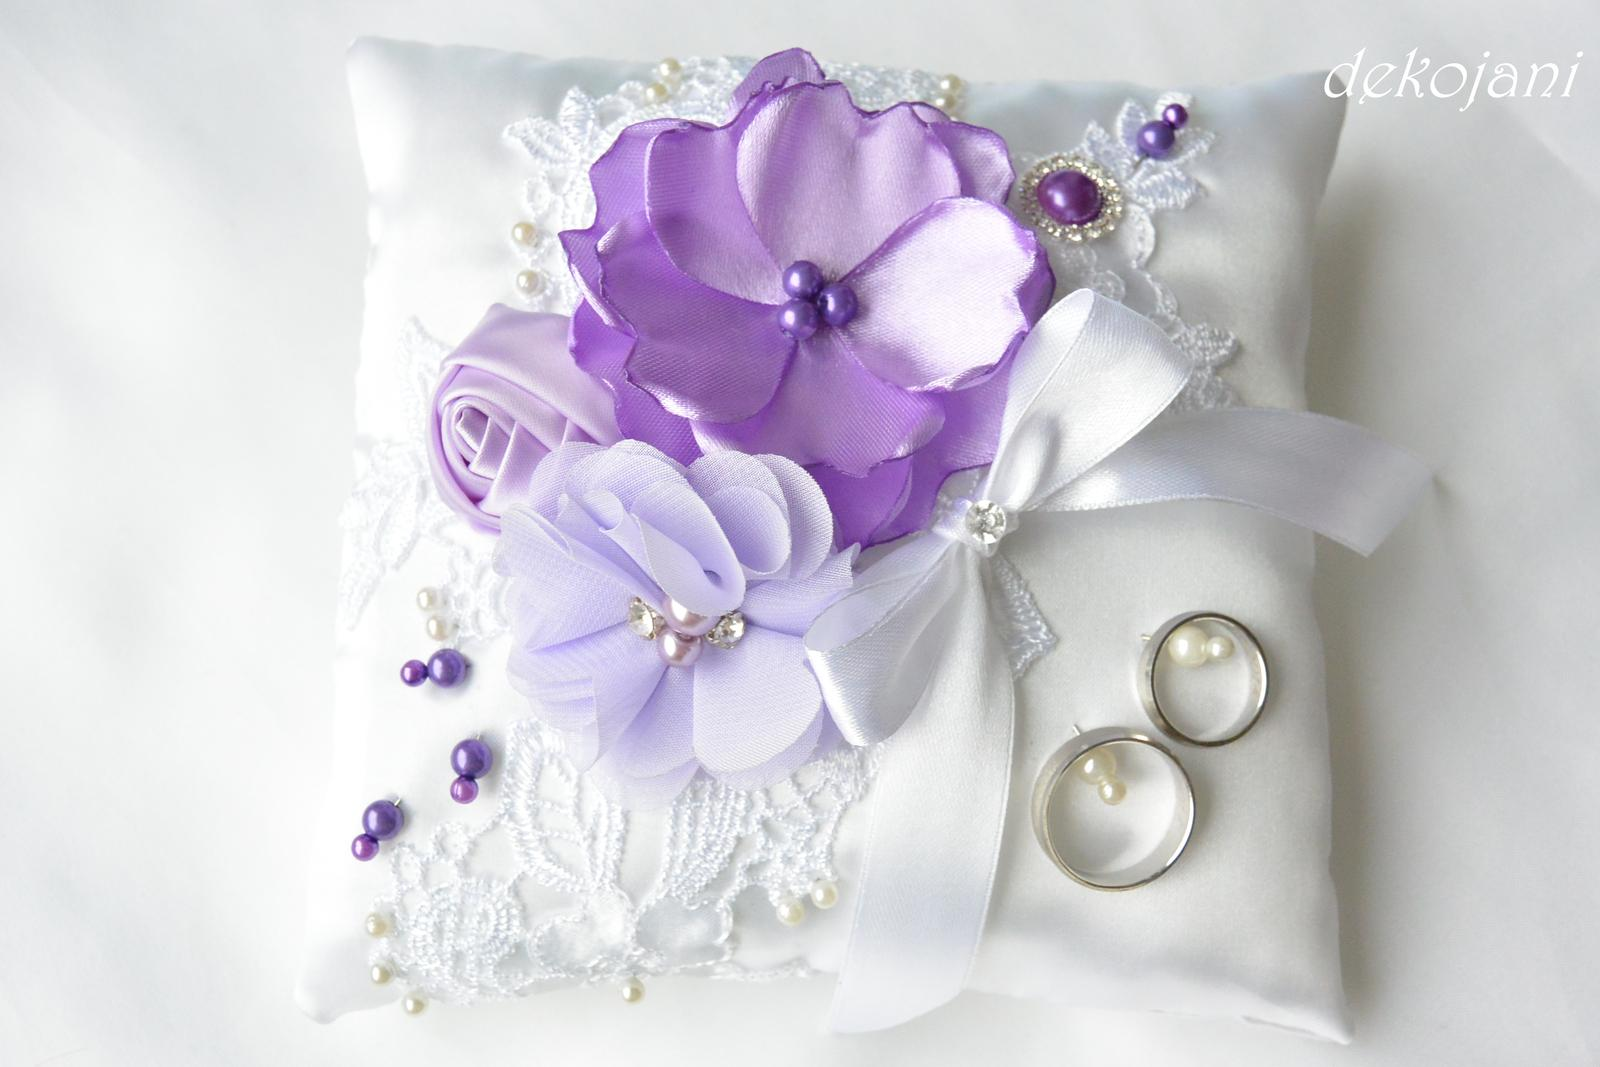 Svatební polštářek s krajkou a mašlí  - Obrázek č. 4